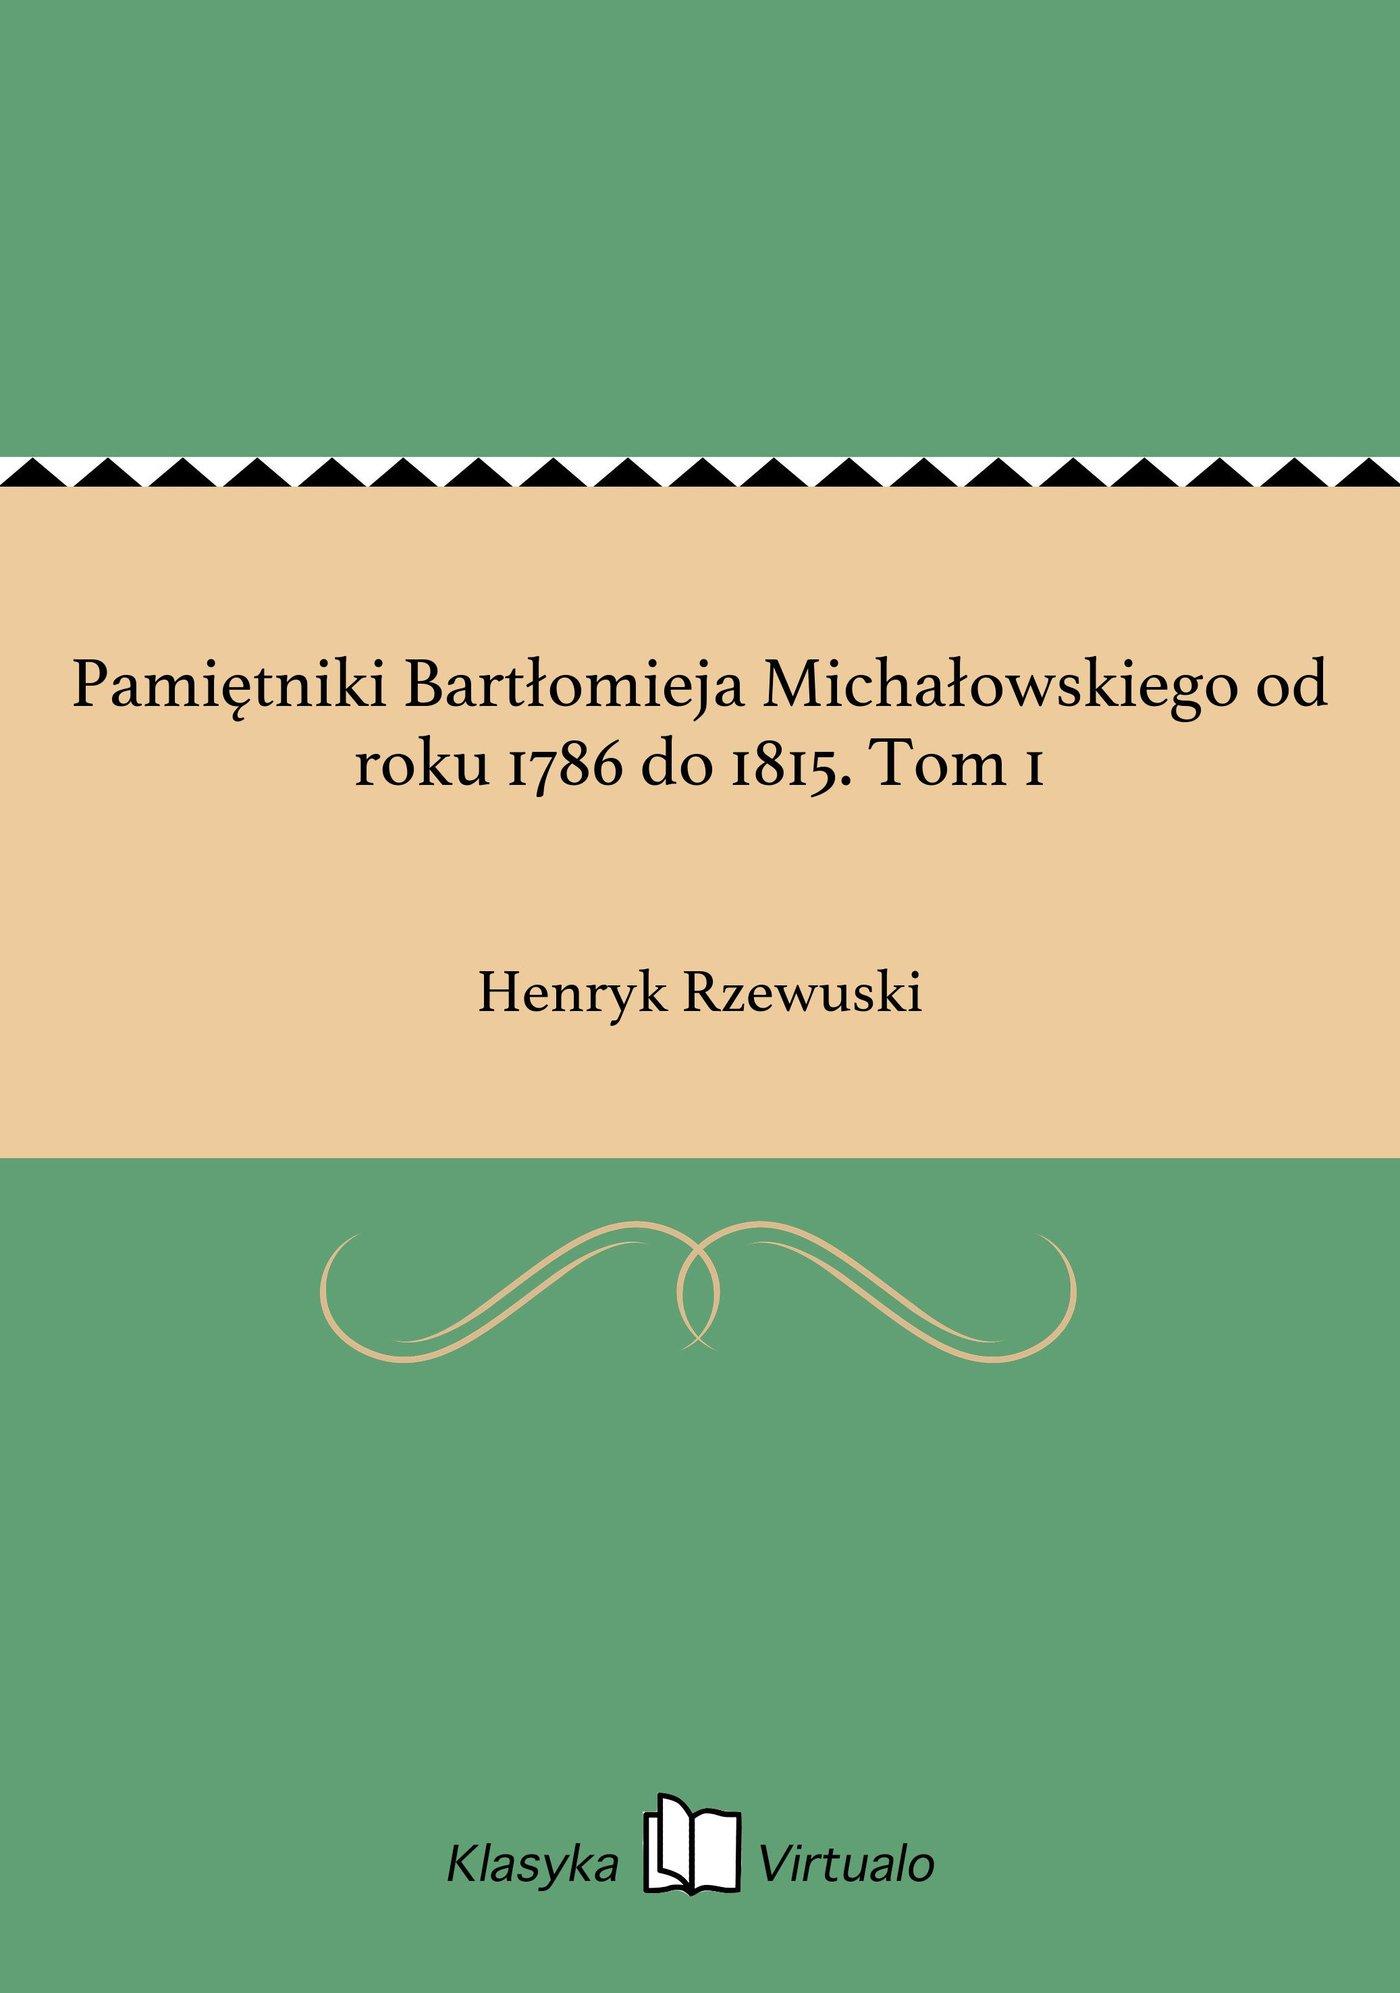 Pamiętniki Bartłomieja Michałowskiego od roku 1786 do 1815. Tom 1 - Ebook (Książka EPUB) do pobrania w formacie EPUB